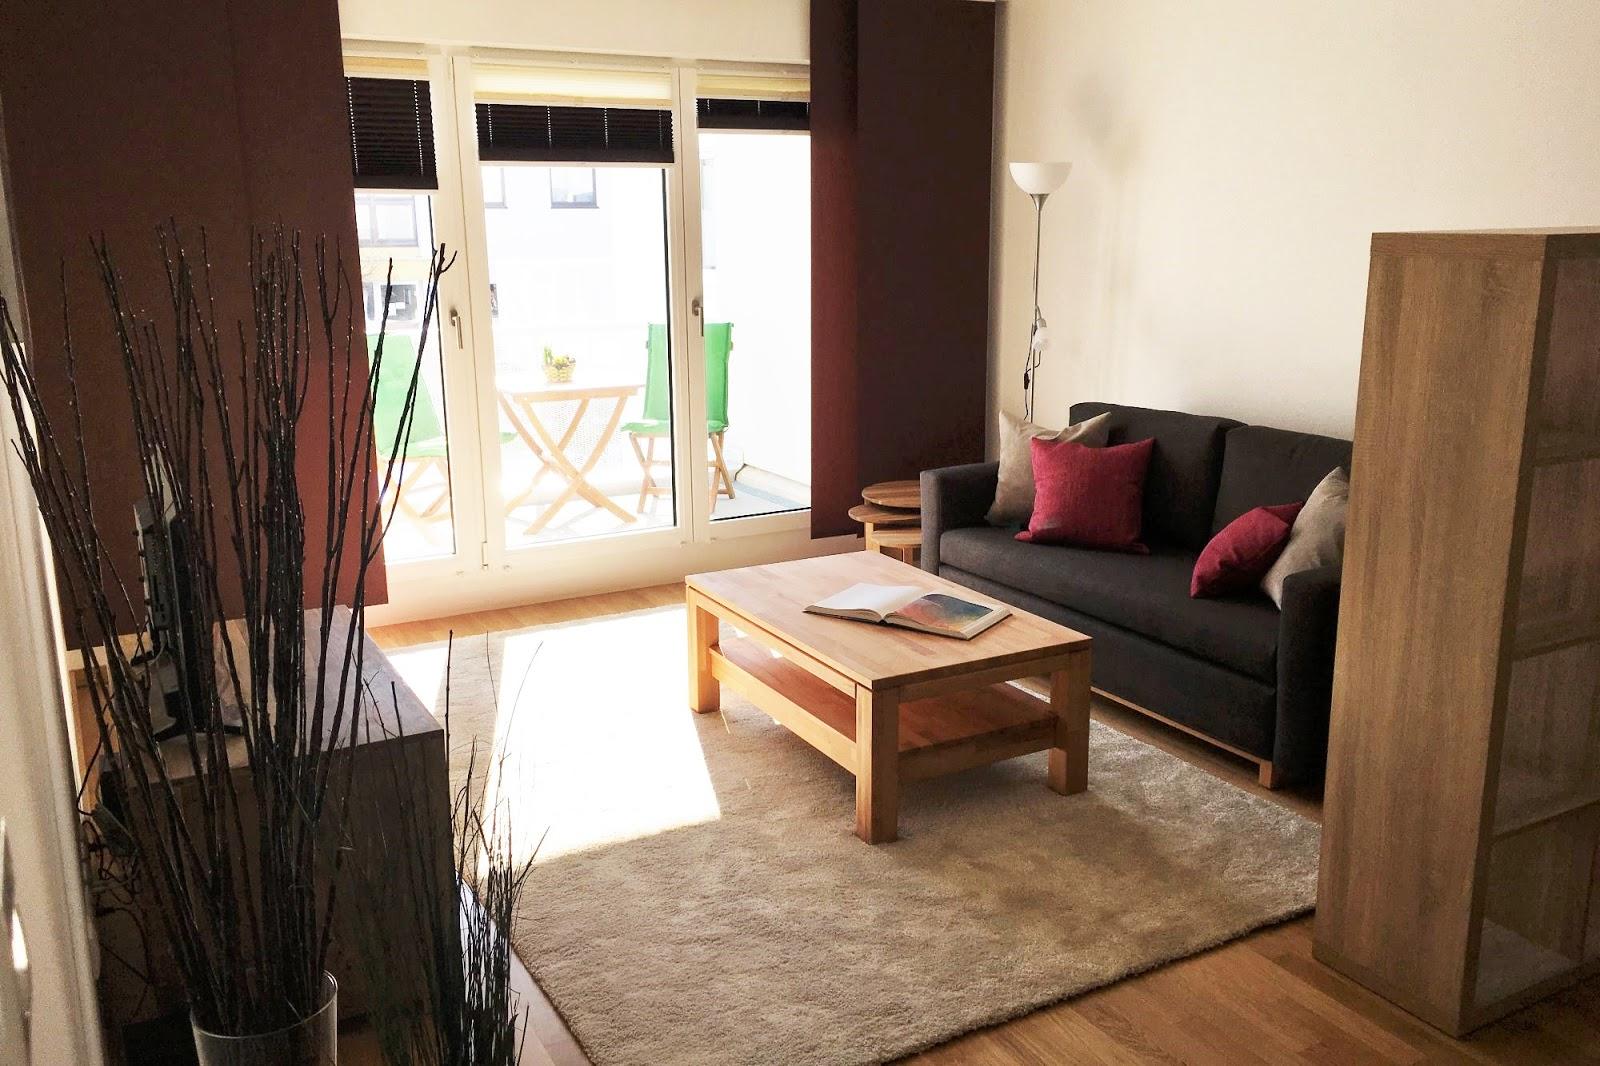 neu wohnen auf zeit in m nchen m blierte wohnung. Black Bedroom Furniture Sets. Home Design Ideas